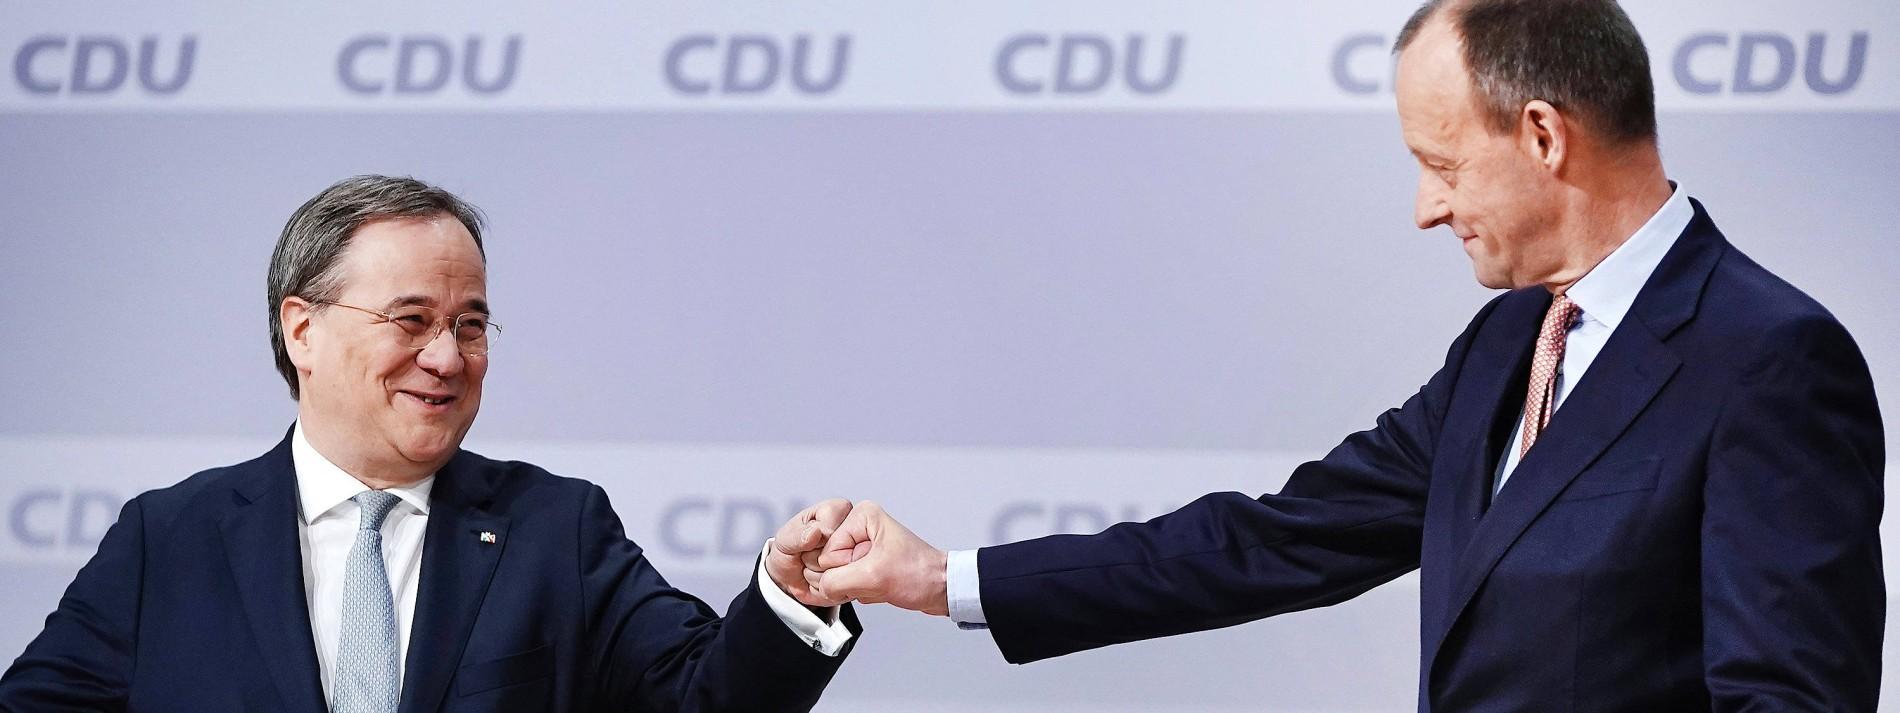 Merz wirbt nach Niederlage für CDU-Chef Laschet